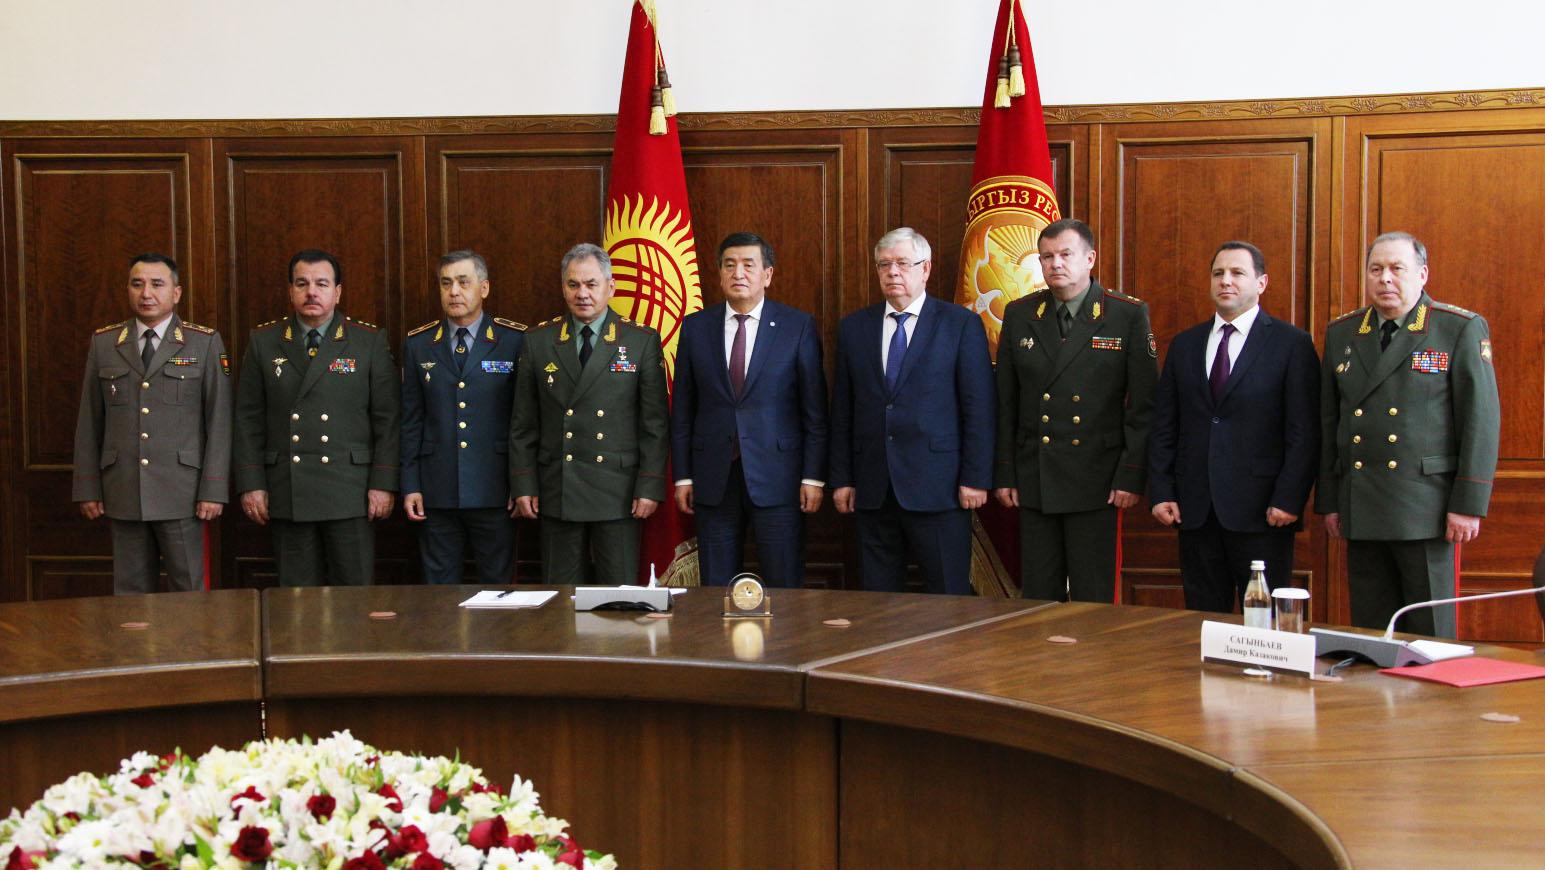 Казахстан намерен передать Таджикистану военно-техническое имущество для укрепления границ ОДКБ